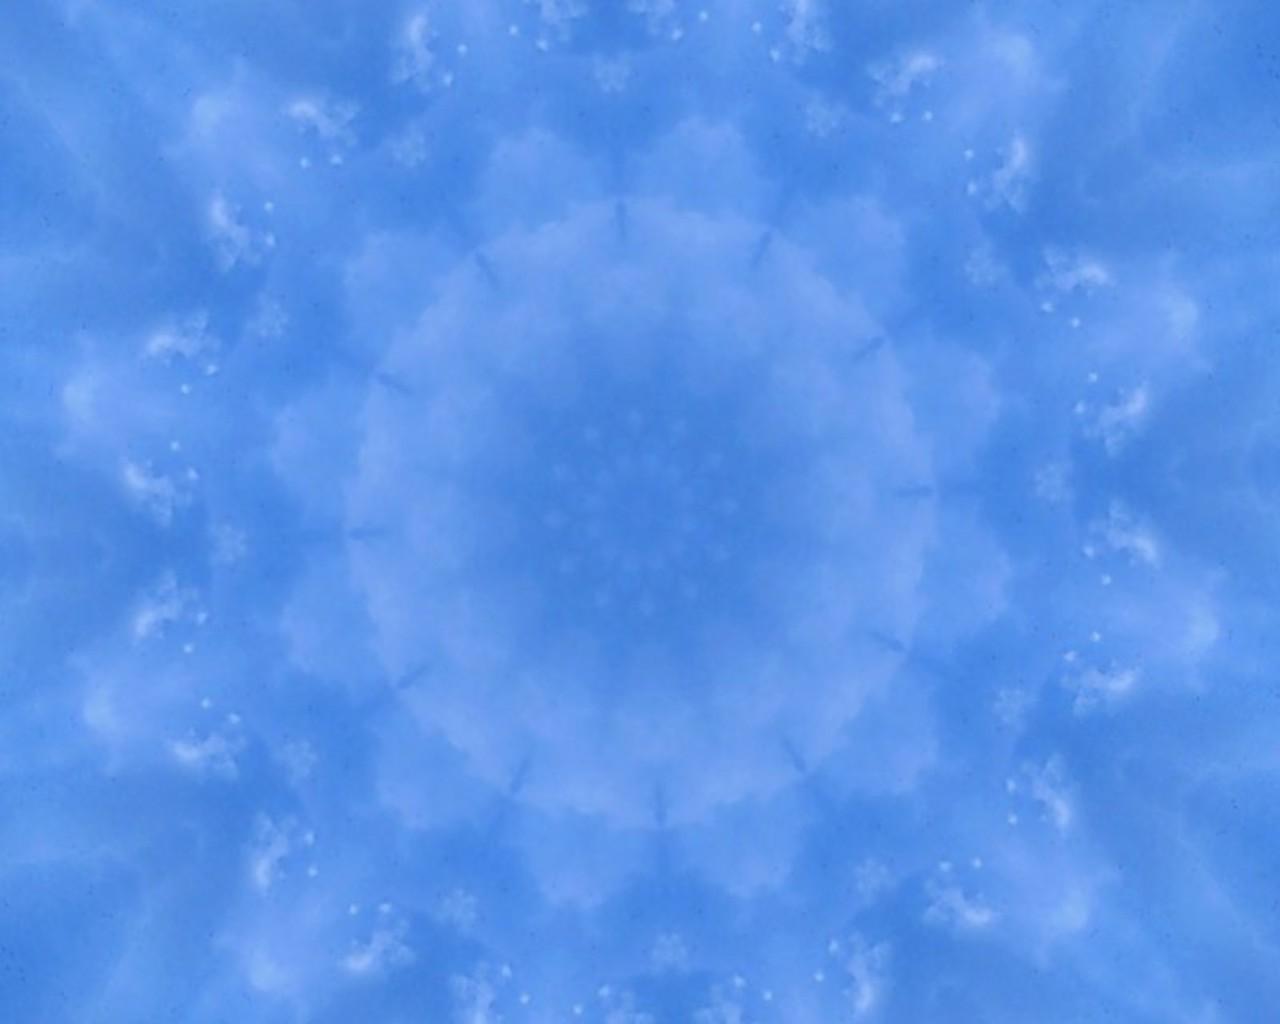 1º raio (azul)